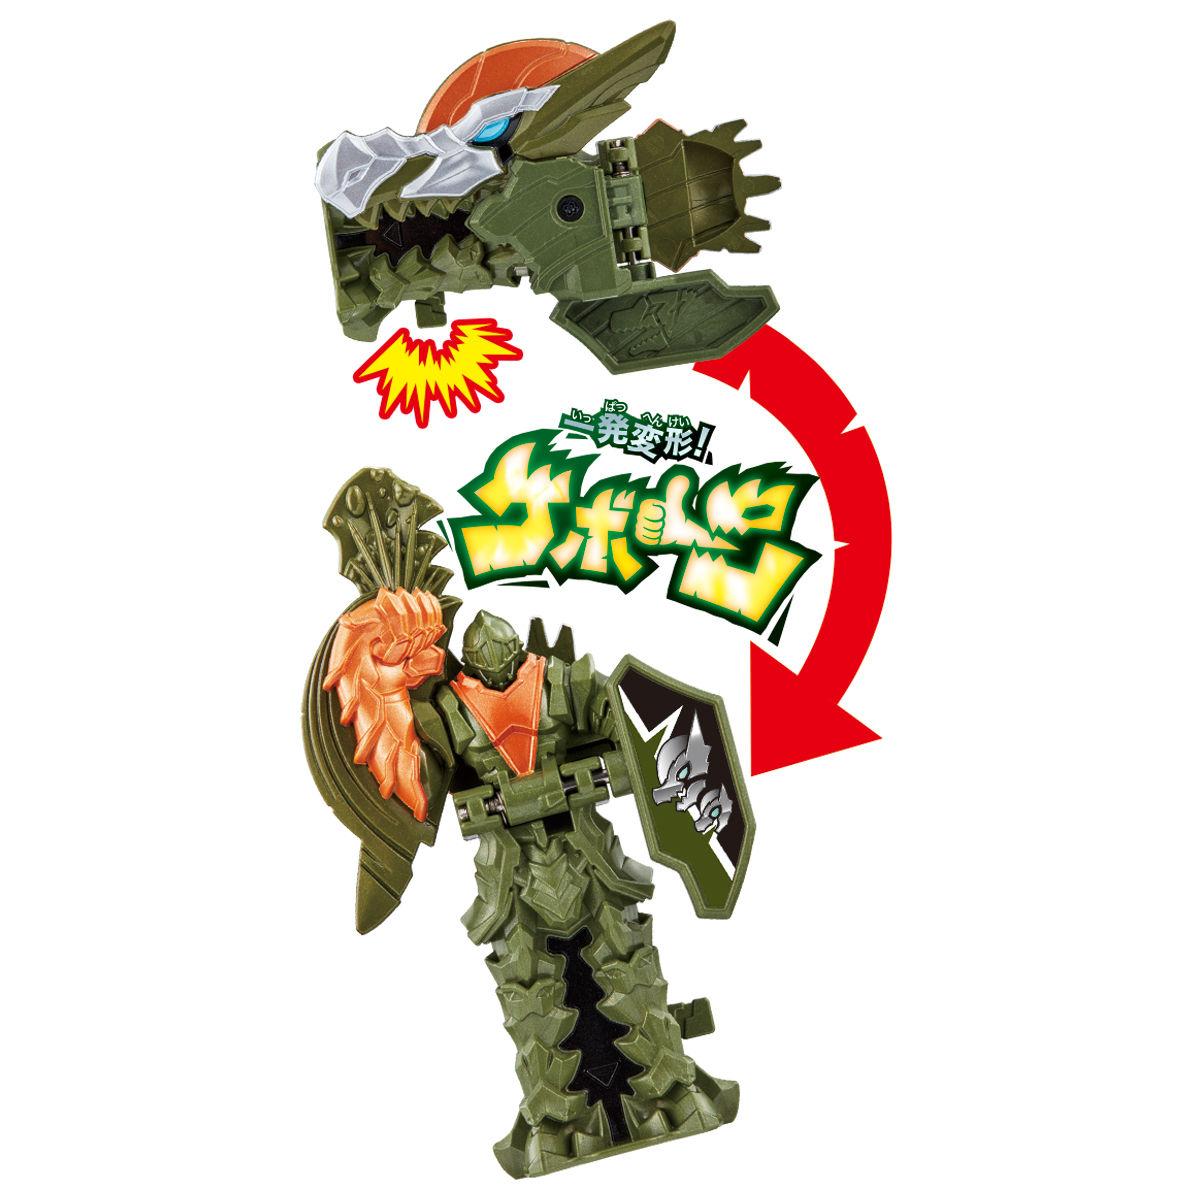 騎士竜戦隊リュウソウジャー『騎士竜シリーズ10 DXパキガルー』可変可動フィギュア-009